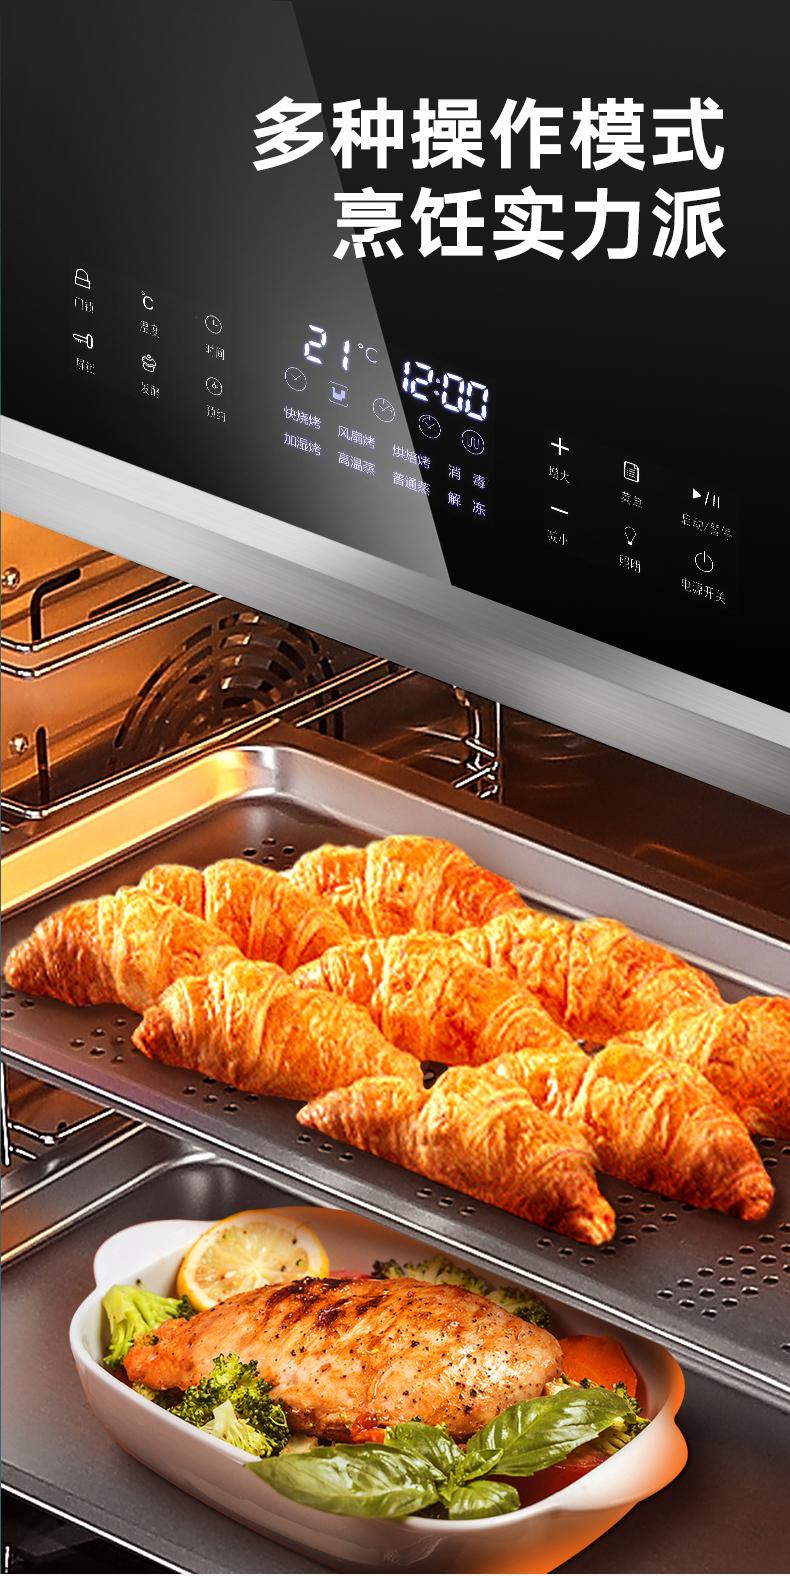 好太太H805蒸烤一体集成灶多种操作模式